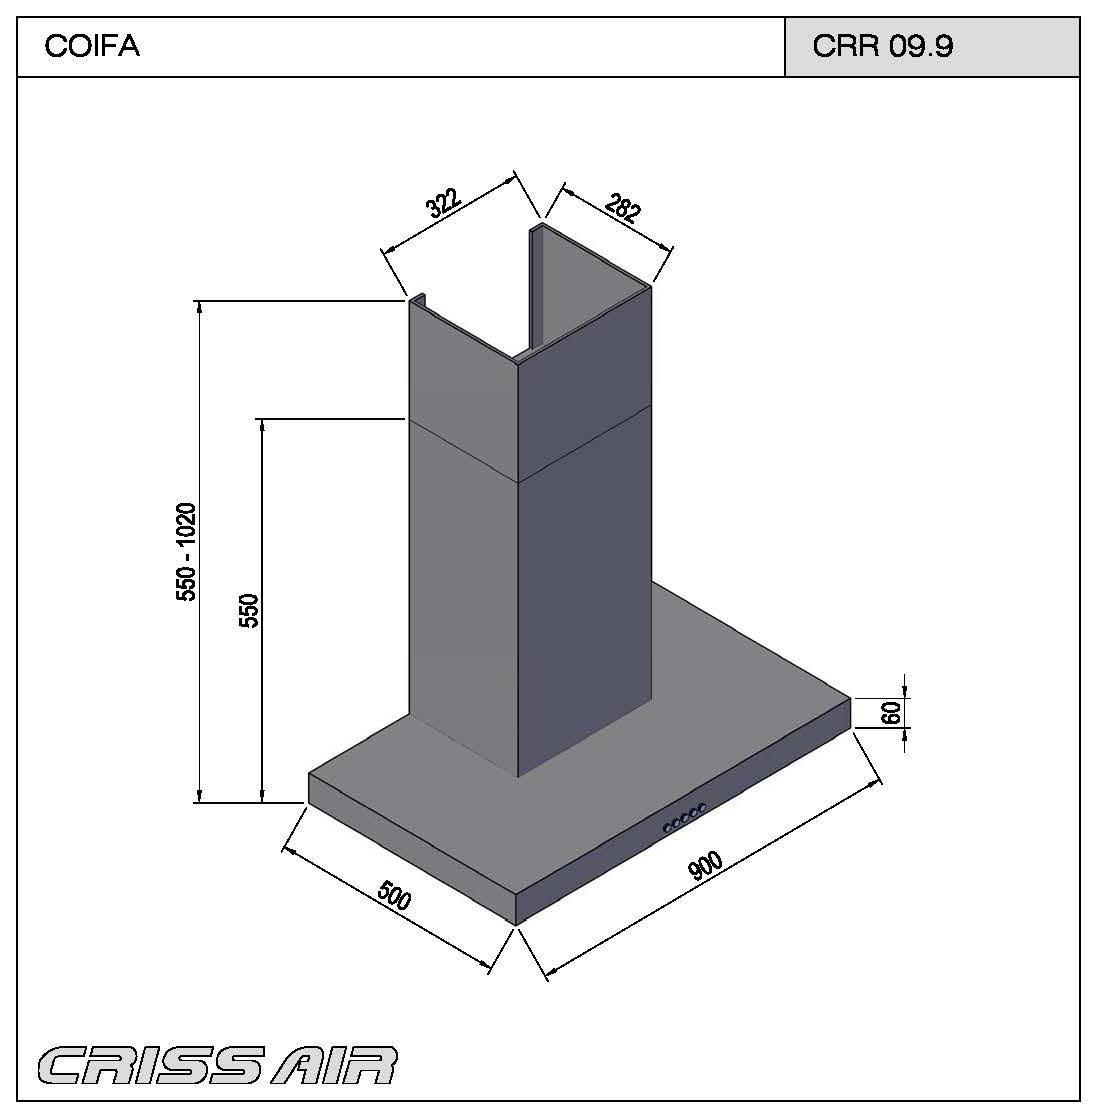 Coifa Parede CRR 09.9